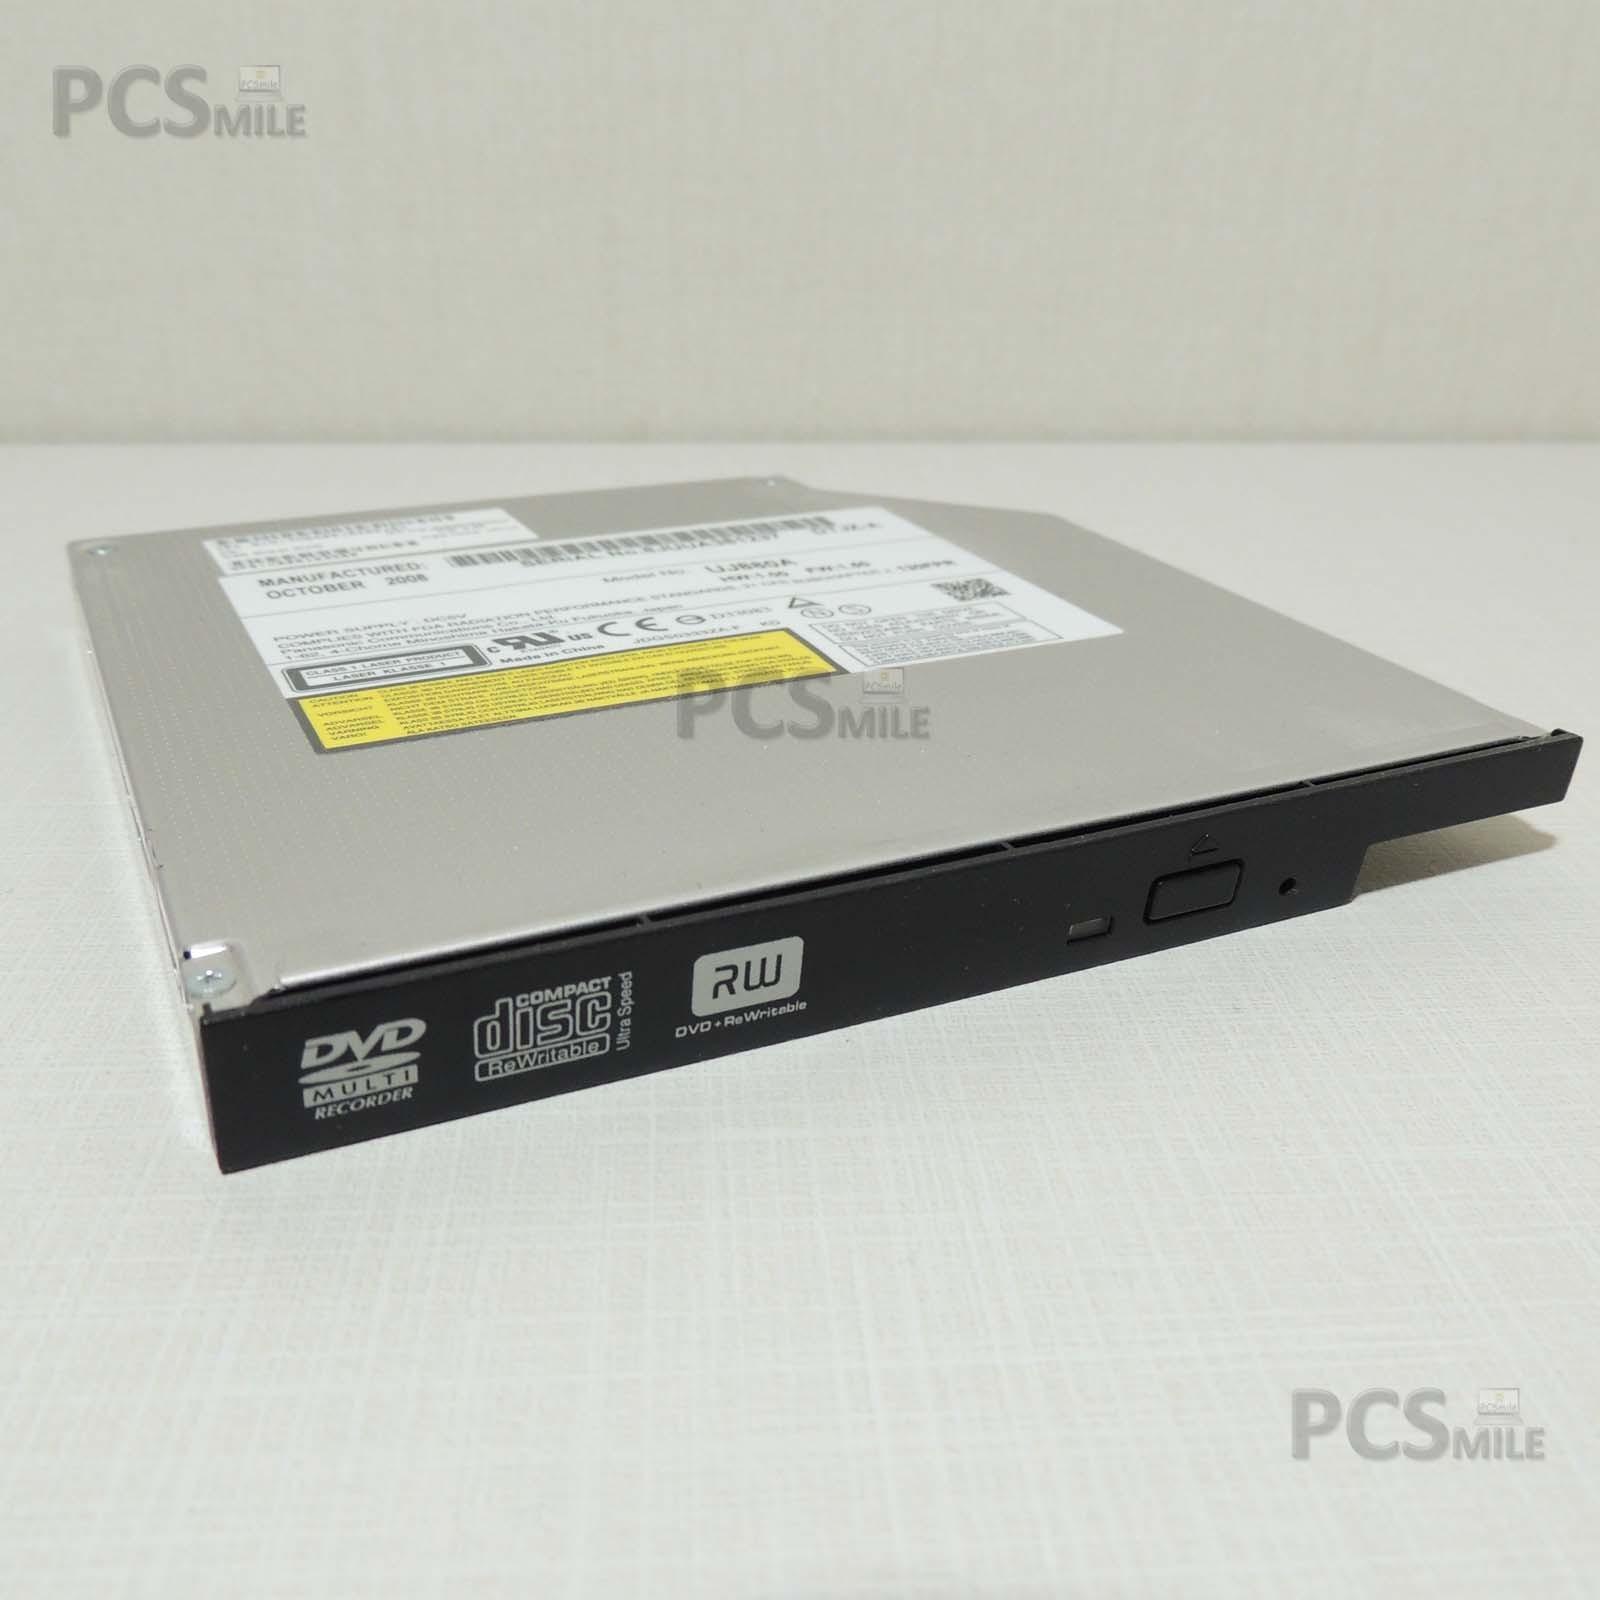 Masterizzastore Lettore CD originale mascherina Toshiba Satellite A300 UJ880A